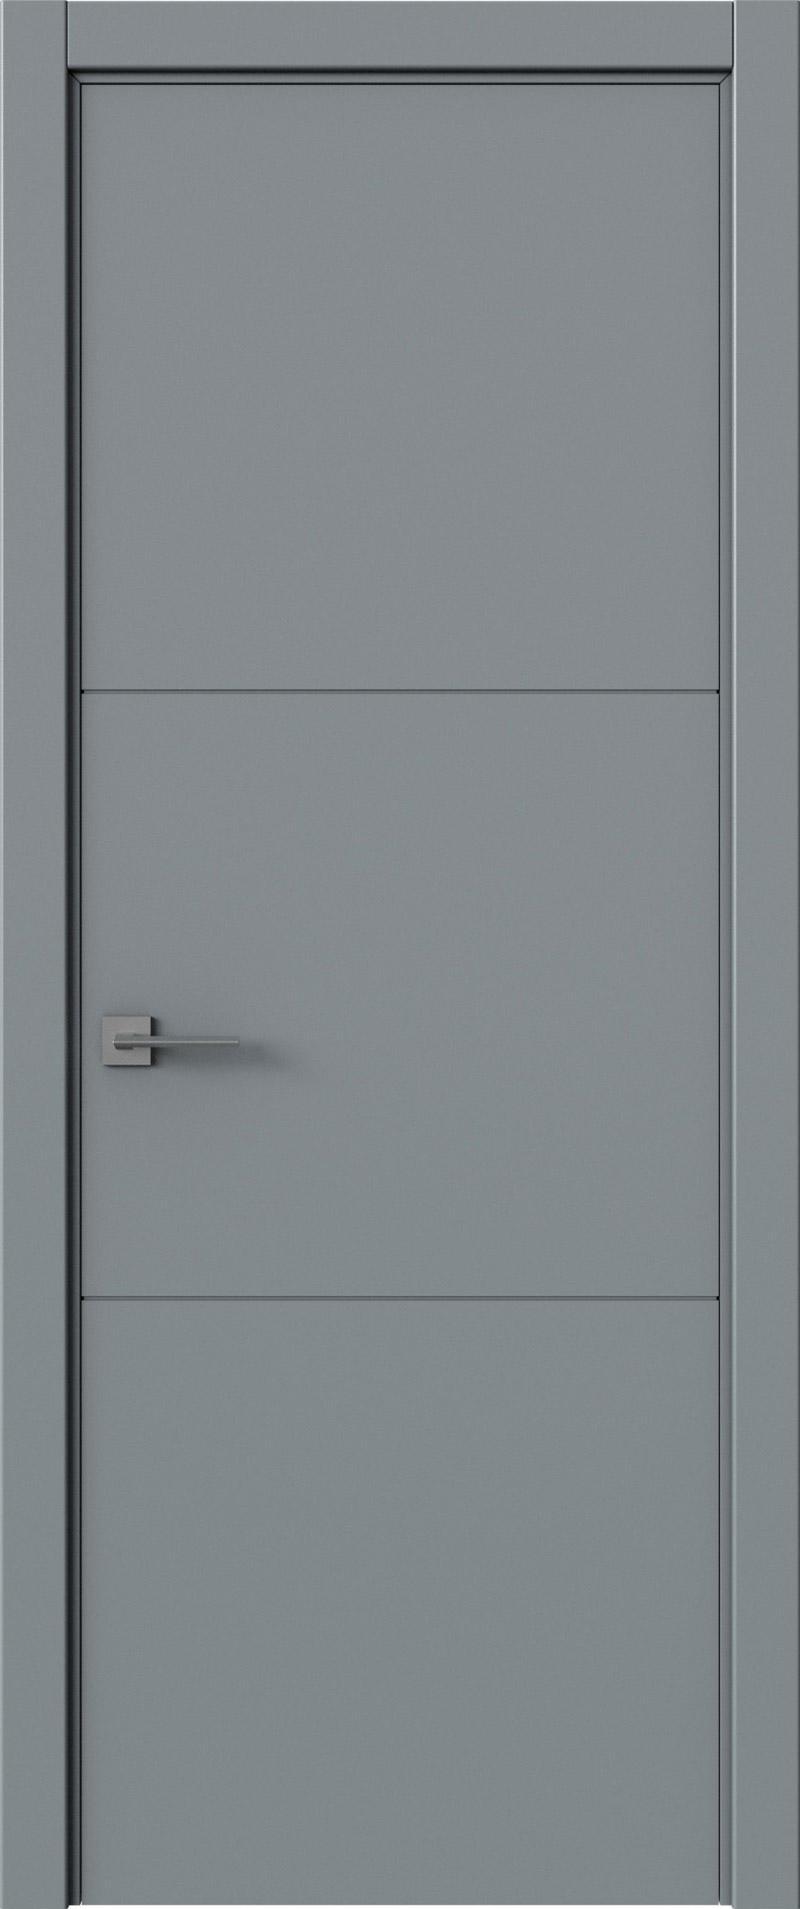 Tivoli В-2 цвет - Серебристо-серая эмаль (RAL 7045) Без стекла (ДГ)